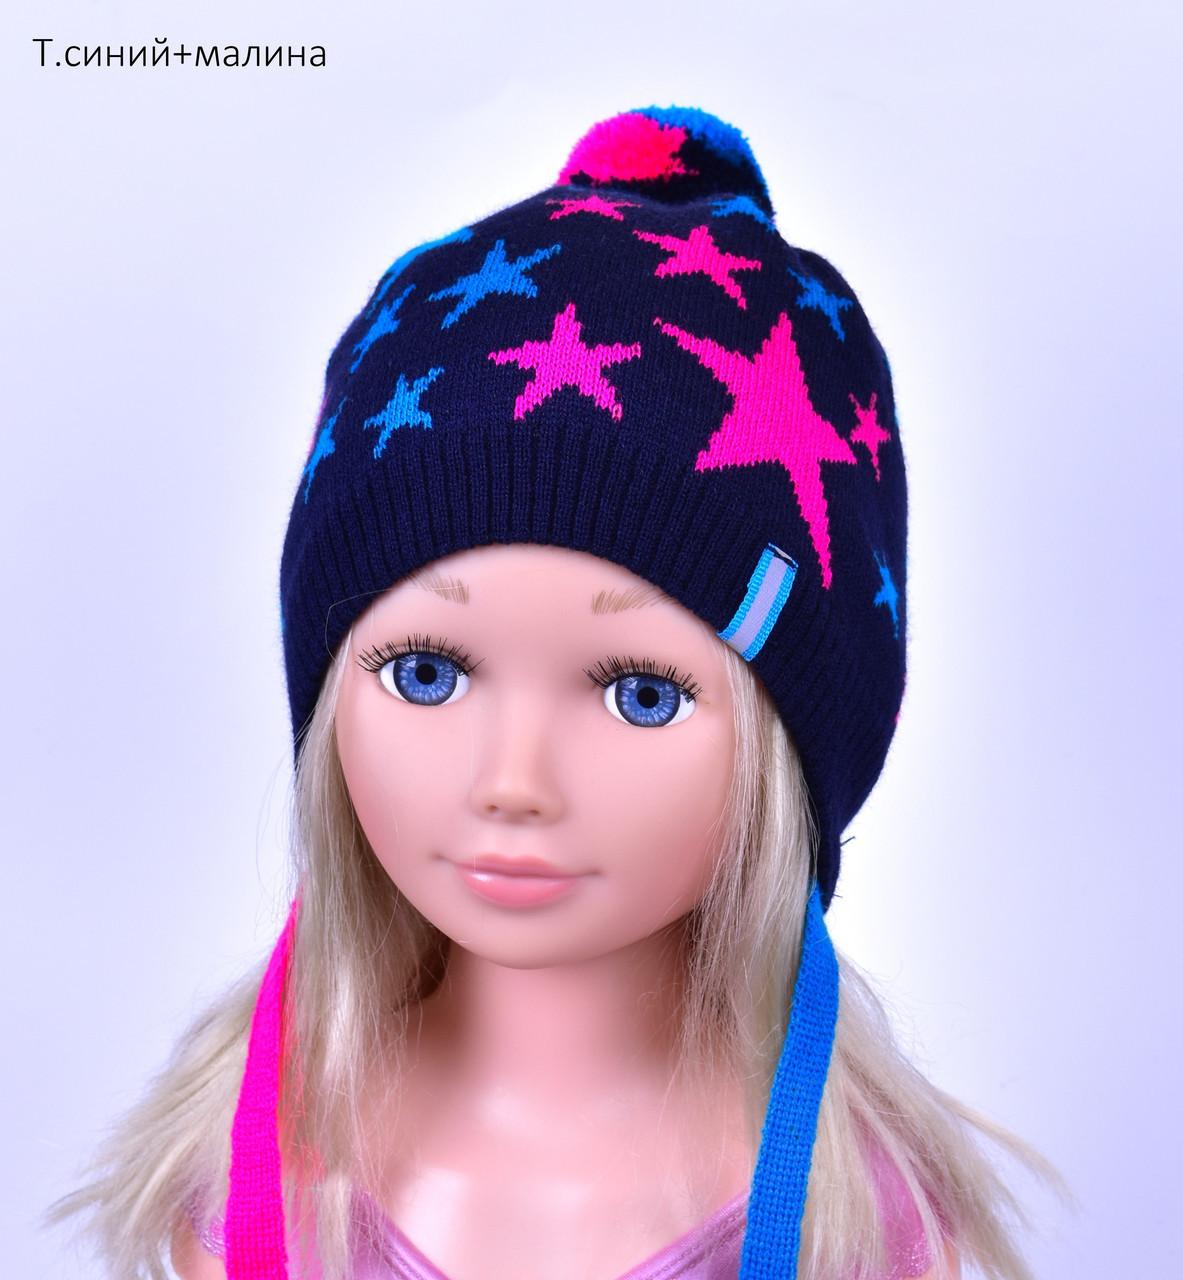 Яркая детская демисезонная шапка с завязками